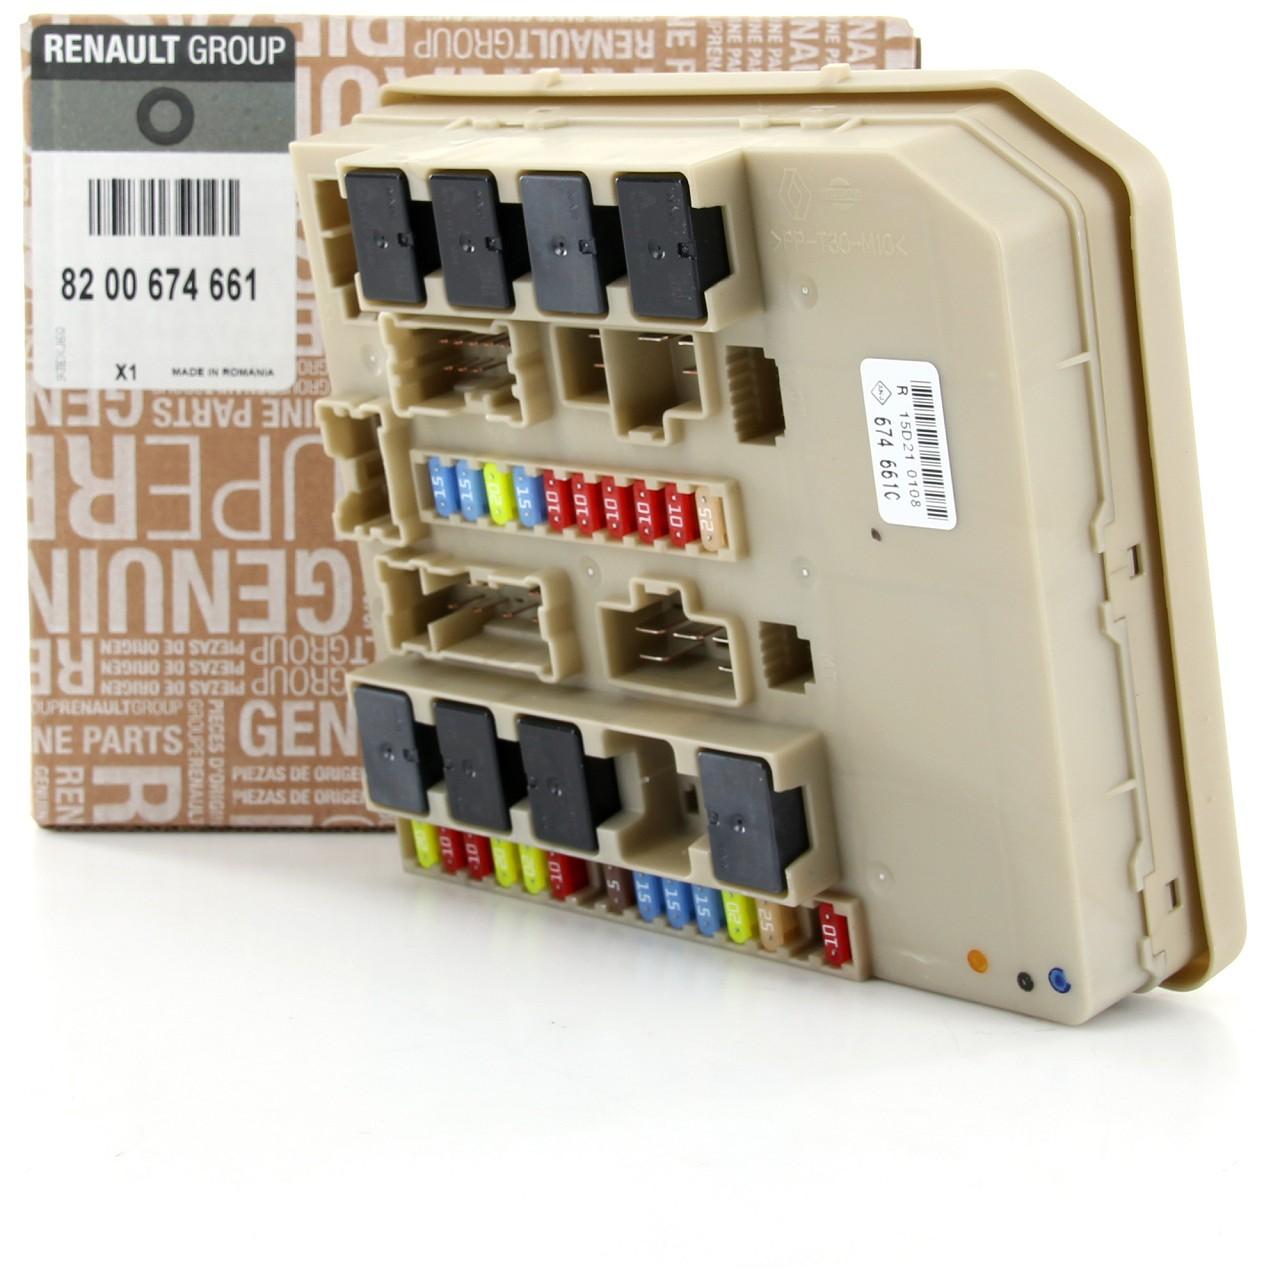 ORIGINAL Renault Sicherungskasten Zentralelektronik UPC Steuergerät 8200674661